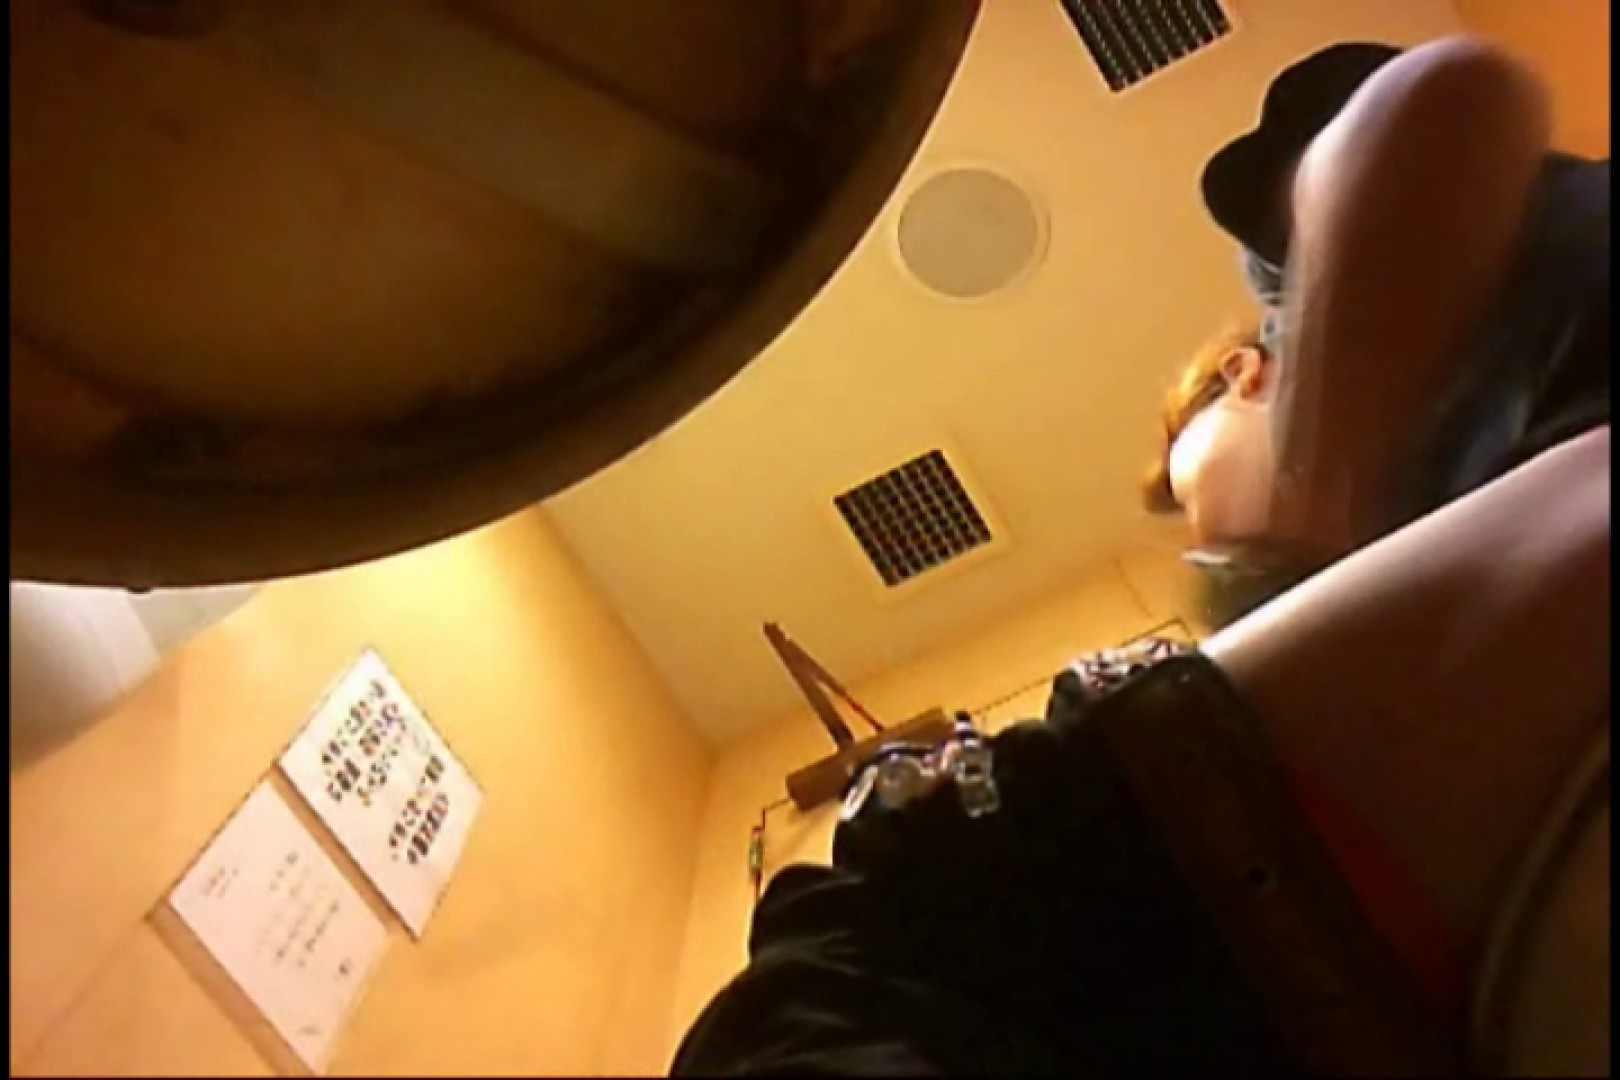 マダムが集まるデパートお手洗い Vol.52 お手洗い 盗撮オマンコ無修正動画無料 37pic 23